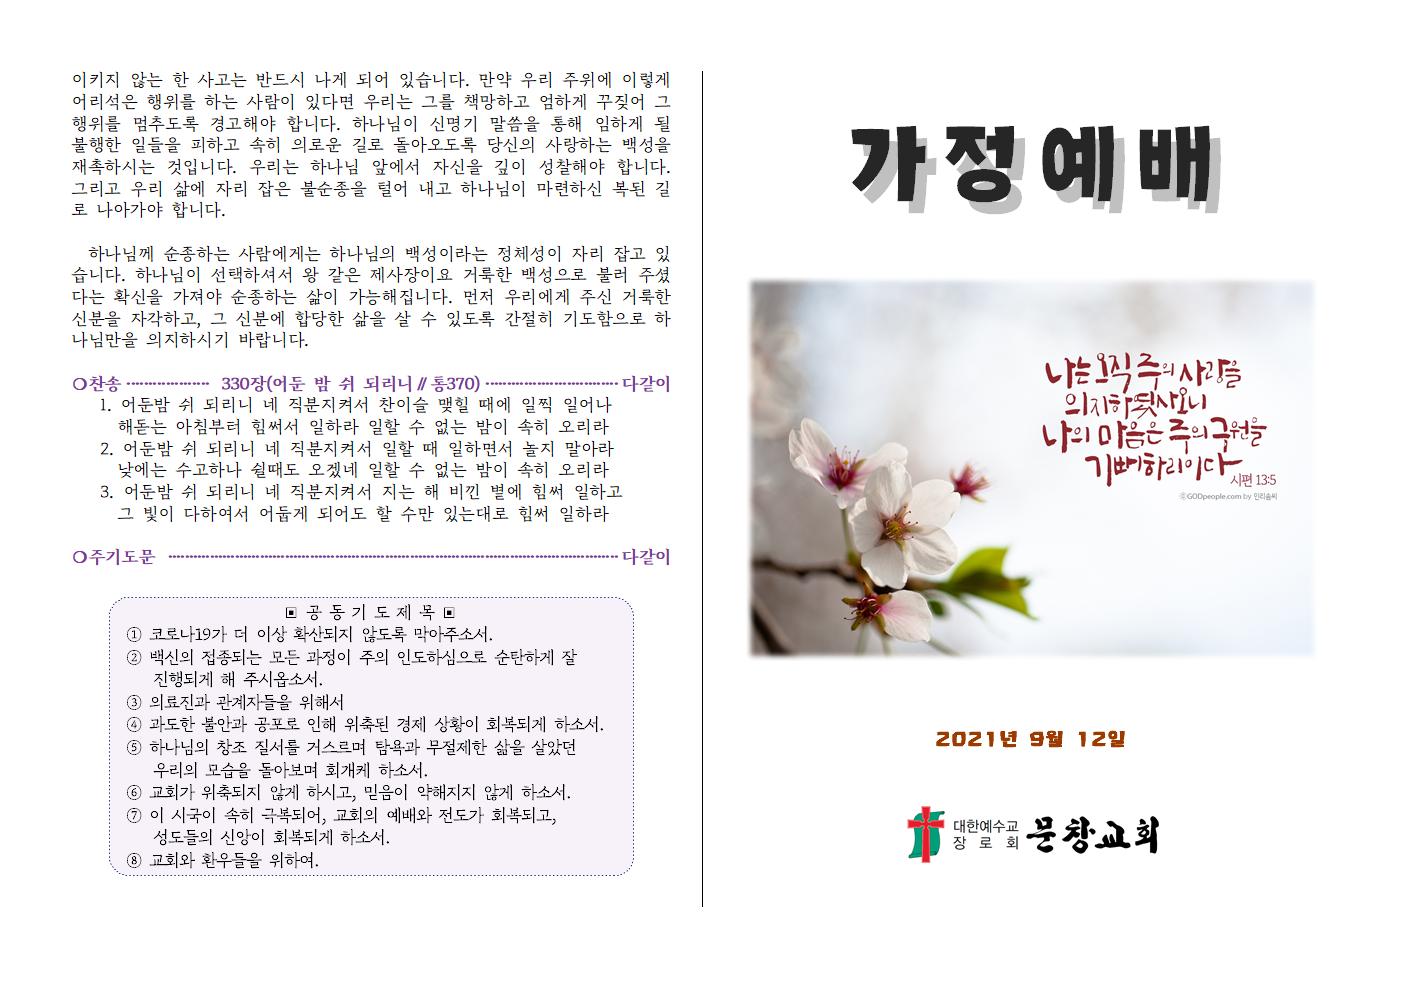 2021-0912가정예배자료(신명기 28장 58~68절)002.png